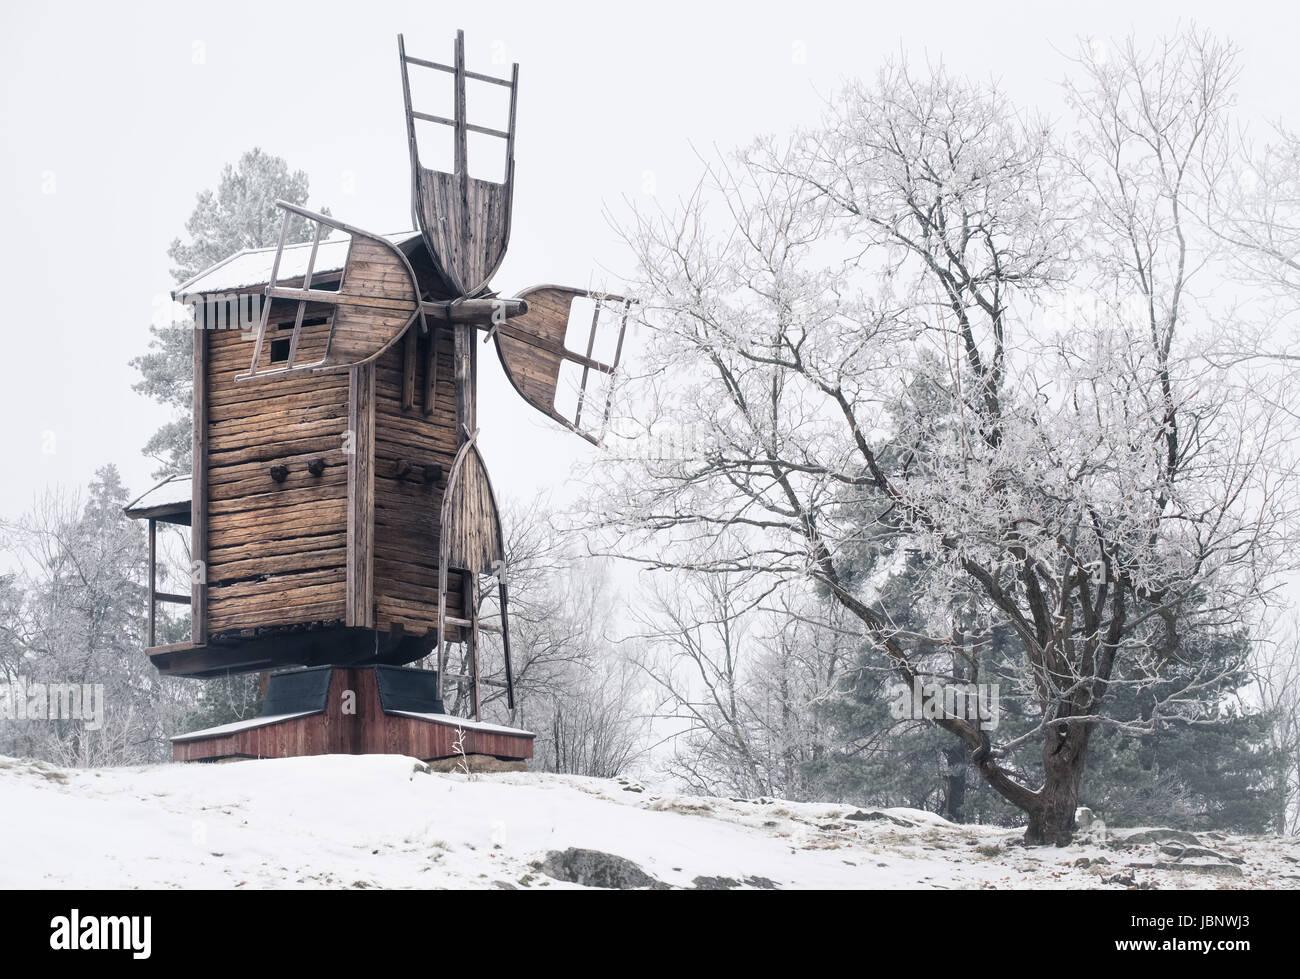 Winterliche Landschaft mit alten und verlassenen Windmühle tagsüber in Finnland Stockbild